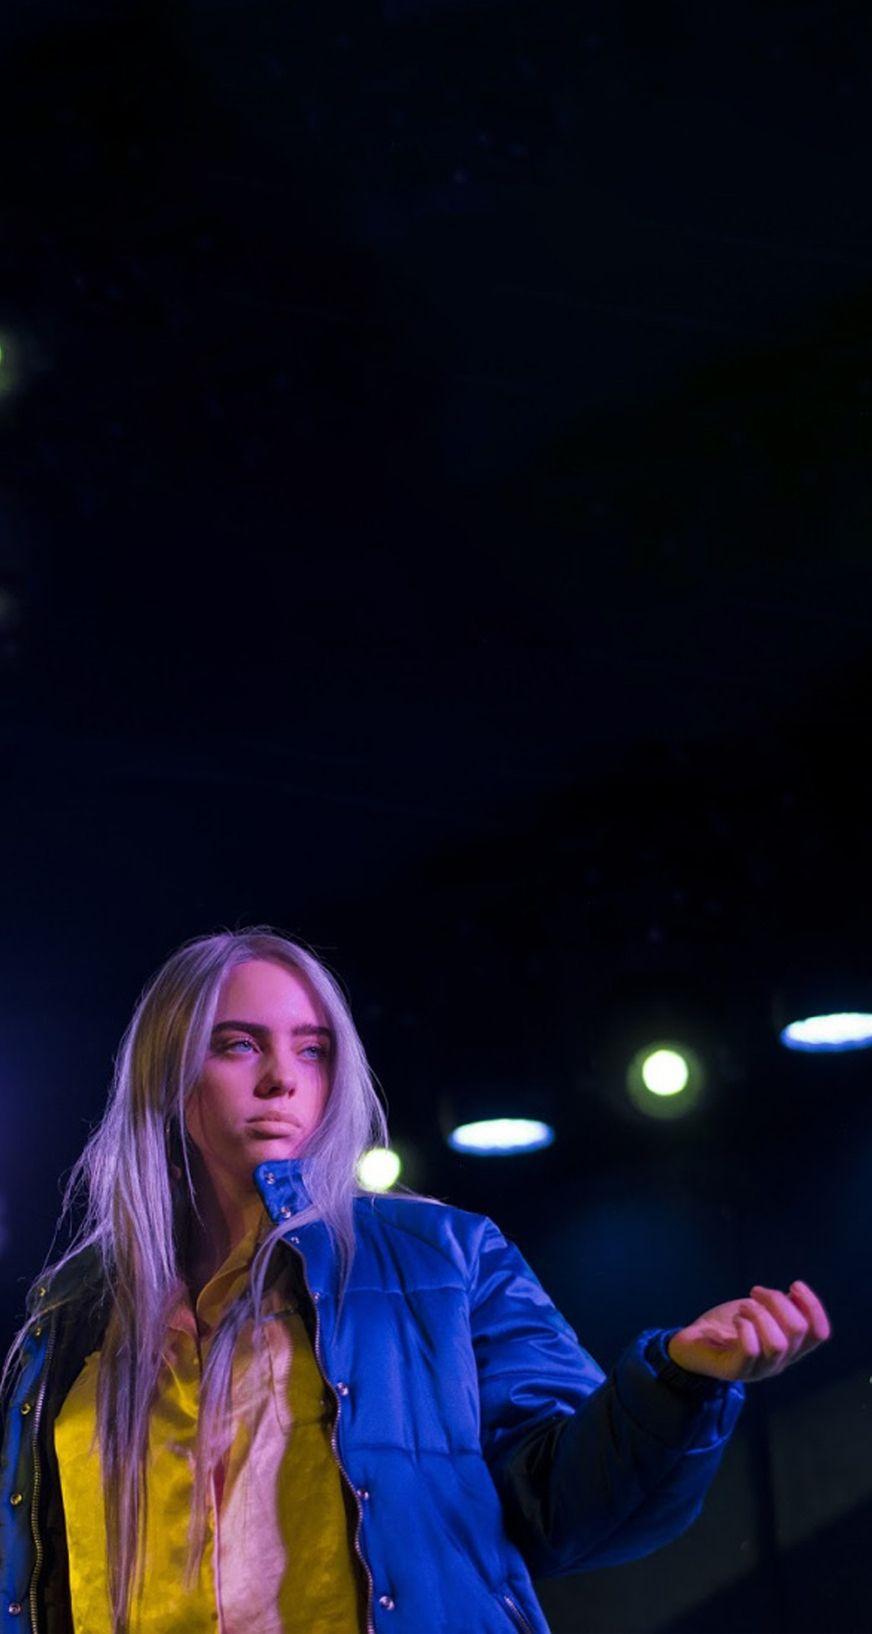 Billie Eilish Lockscreen With Images Billie Billie Eilish Singer